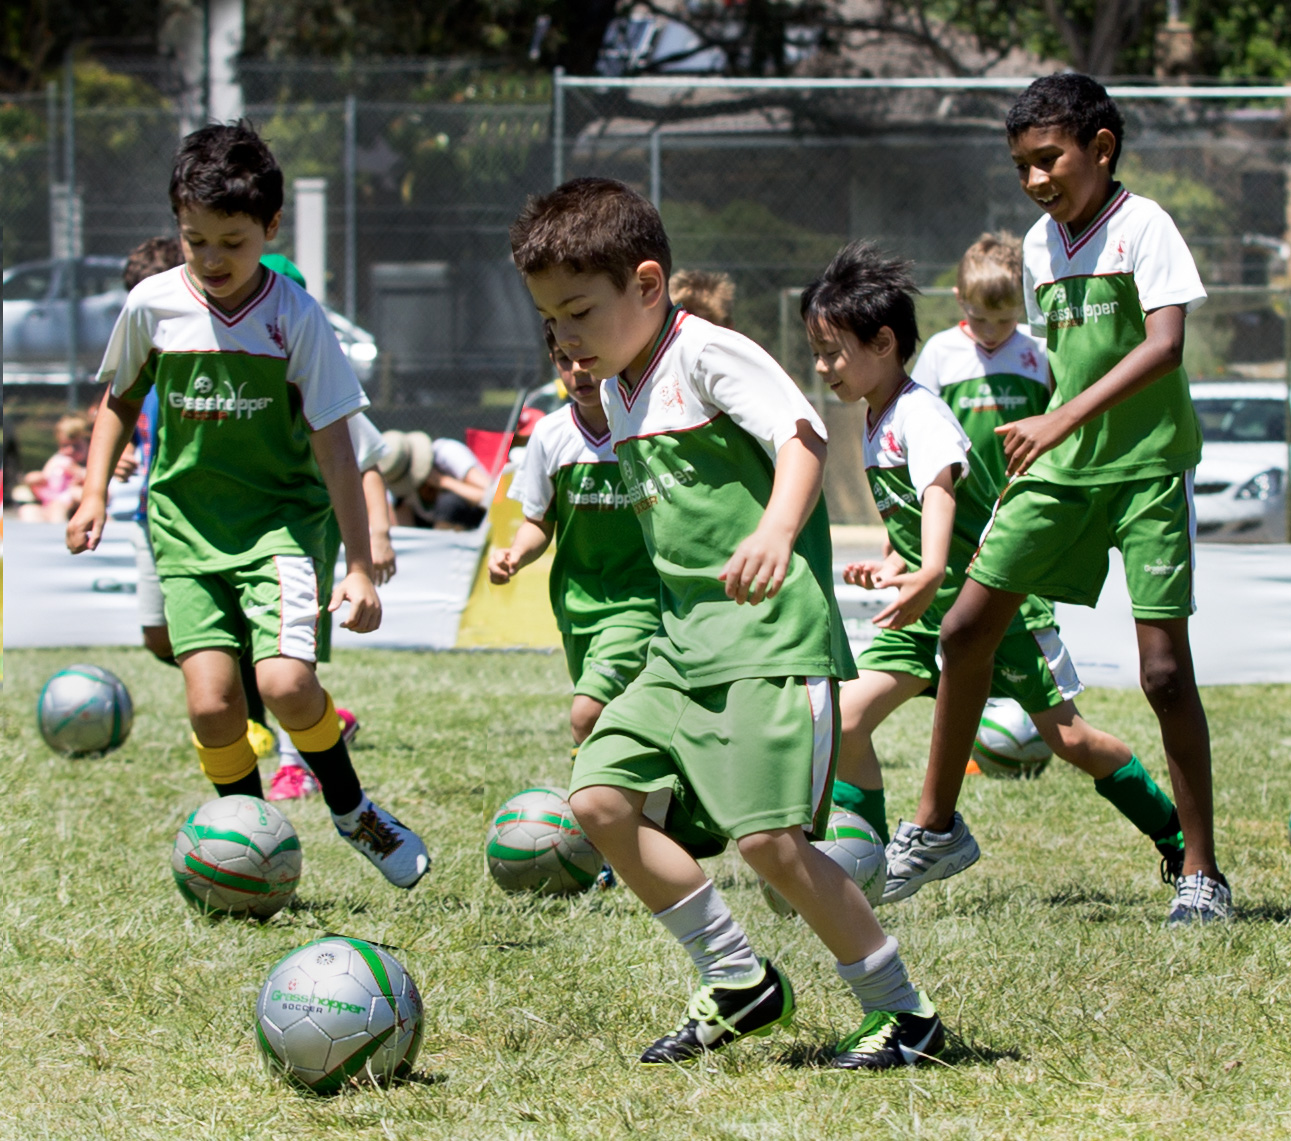 Kids Coaching Soccer